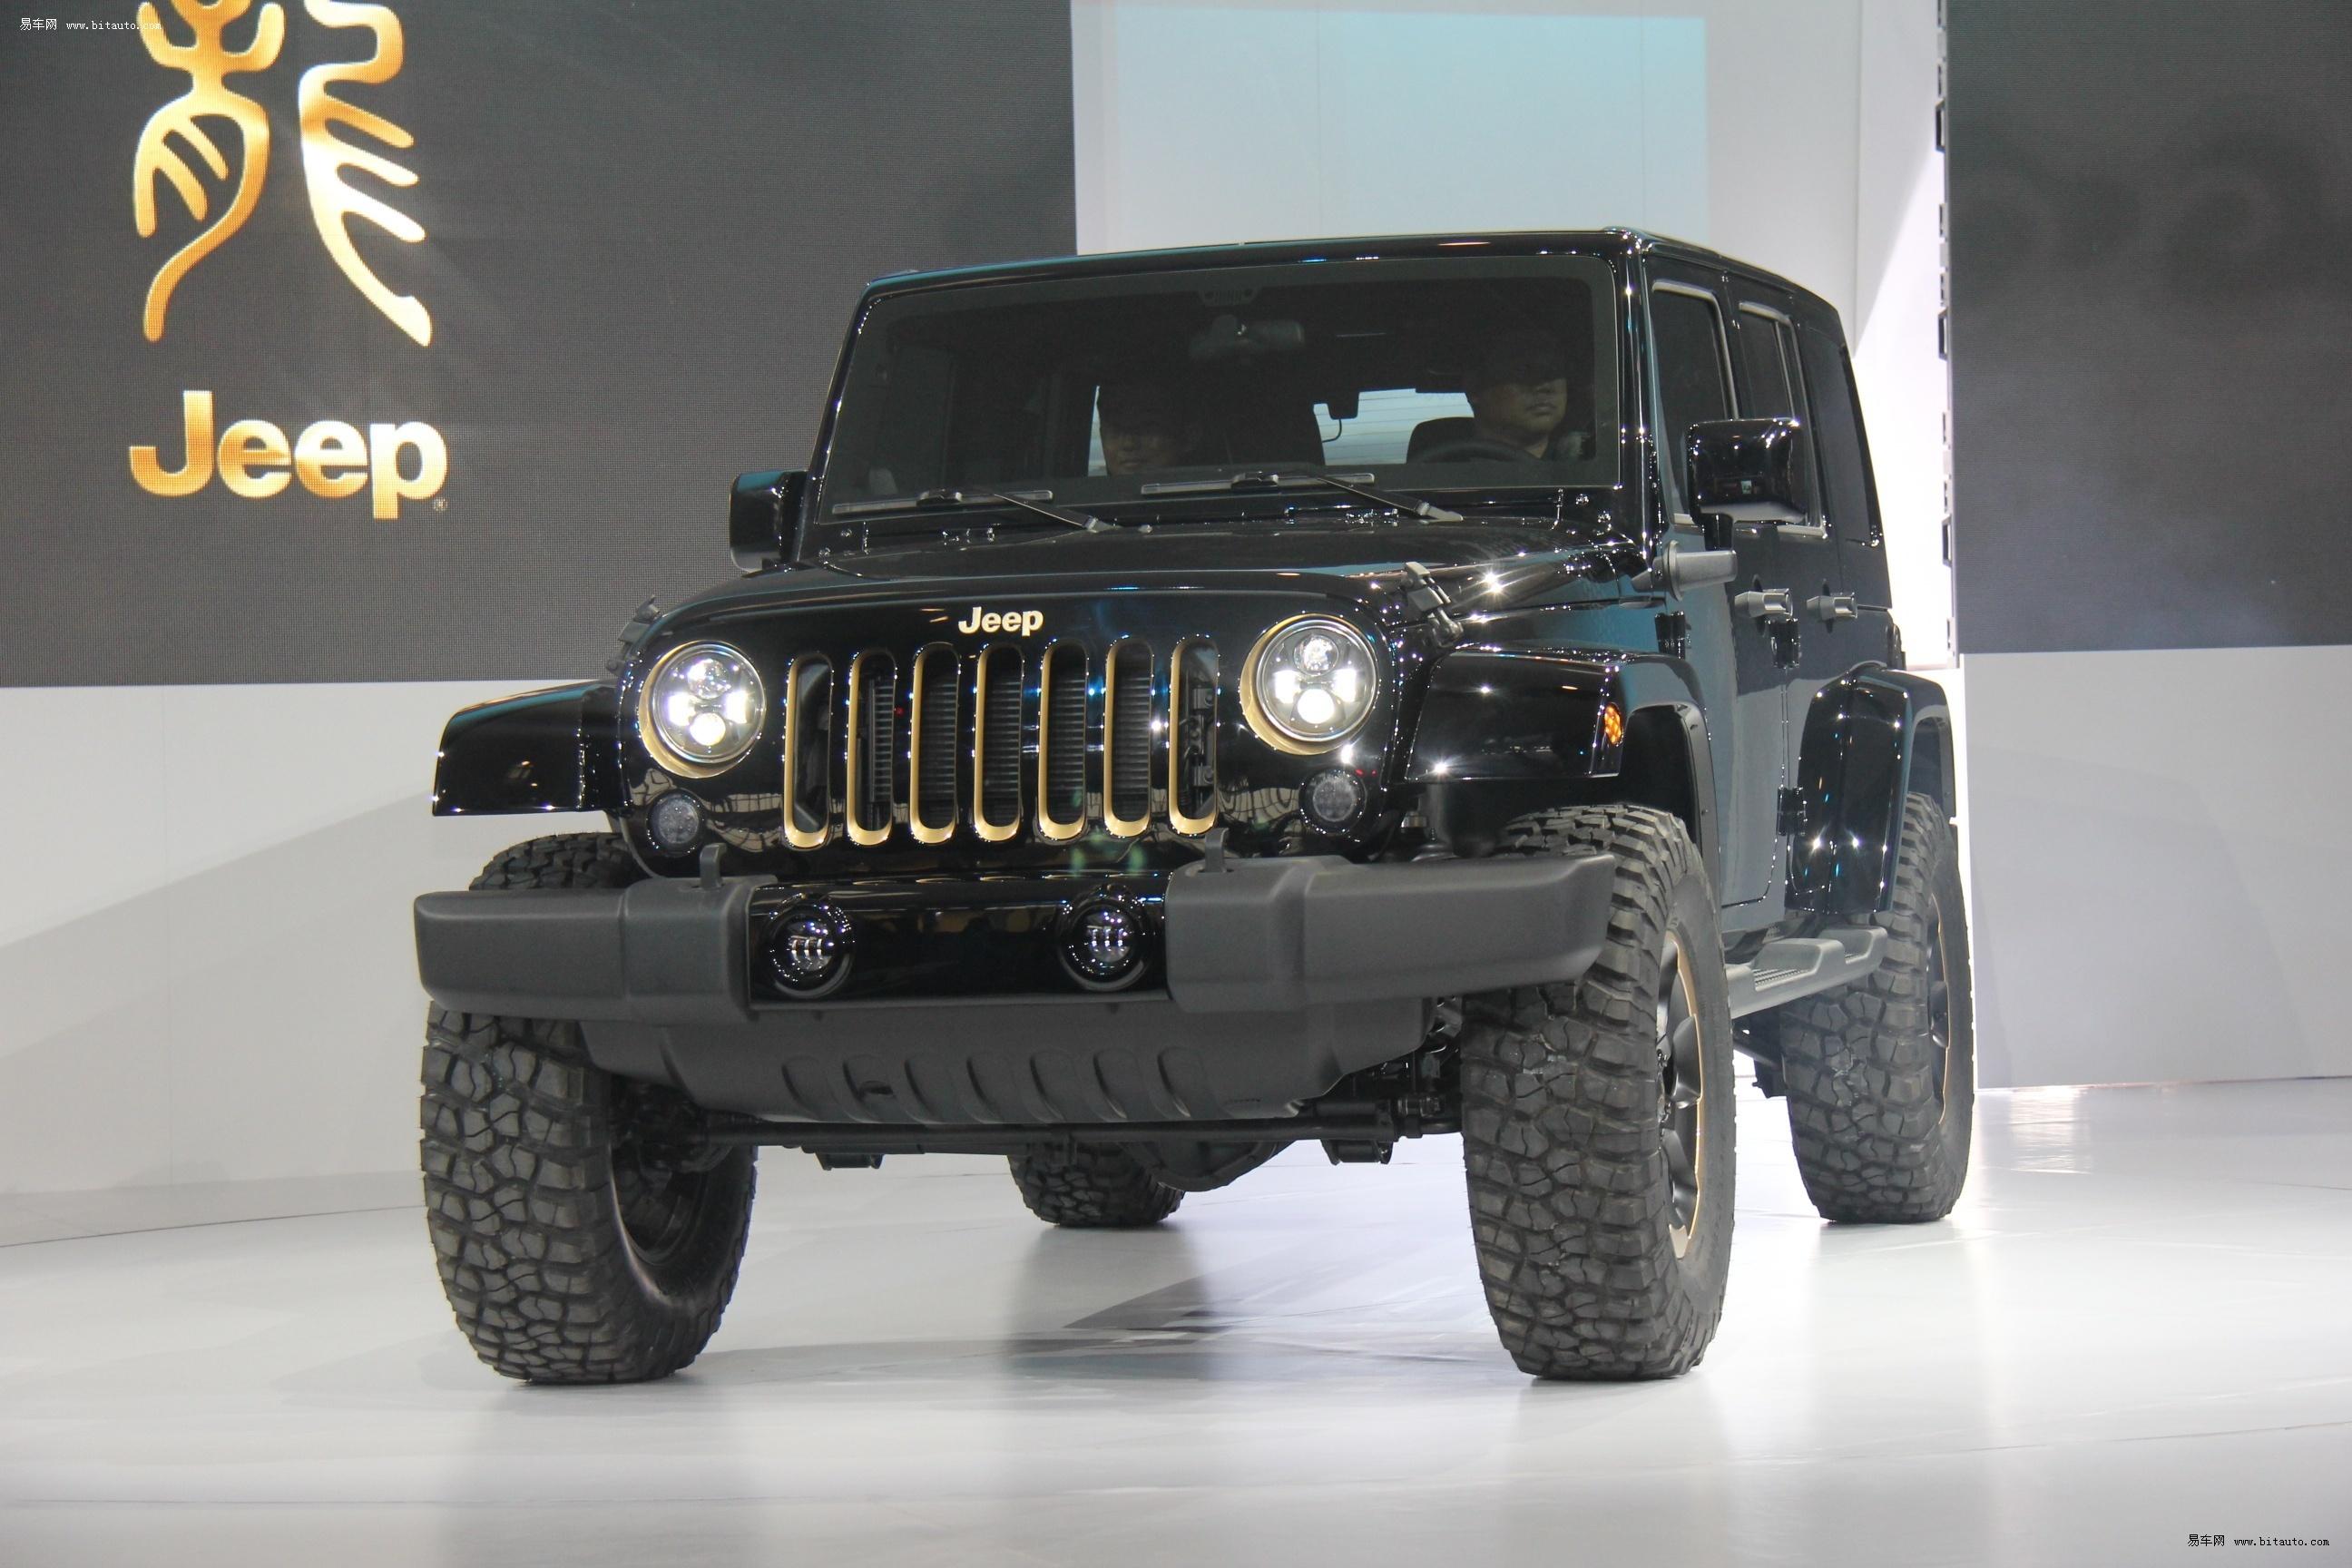 概念车,龙图腾概念车也展现了Jeep?品牌在中国重回主流的信心和决心。  据介绍,Jeep?品牌无论在全球还是在中国的销量都强势增长:2011年度,Jeep?品牌在中国的销量同比增长了81%,全球销量同比增长了44%,Jeep品牌成为了克莱斯勒集团除北美市场外的销售冠军。而今年第一季度,Jeep?